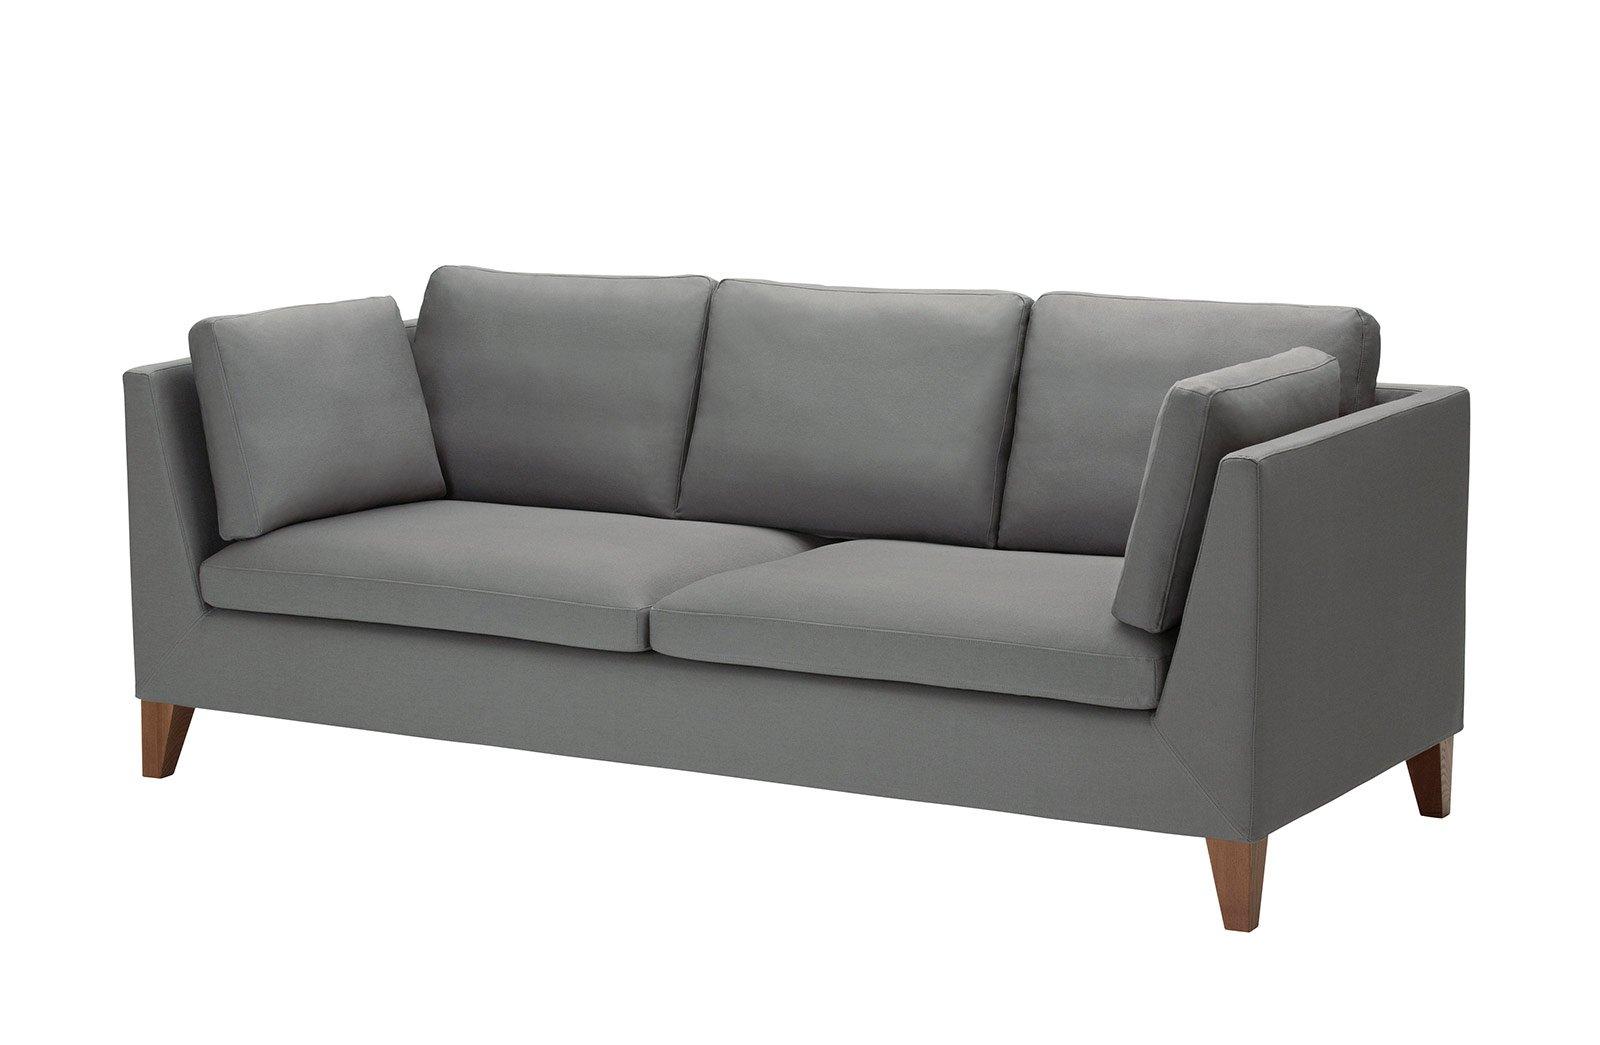 Divano scuro con quali accessori lo ravvivo cose di casa - Imbottitura cuscini divano ikea ...